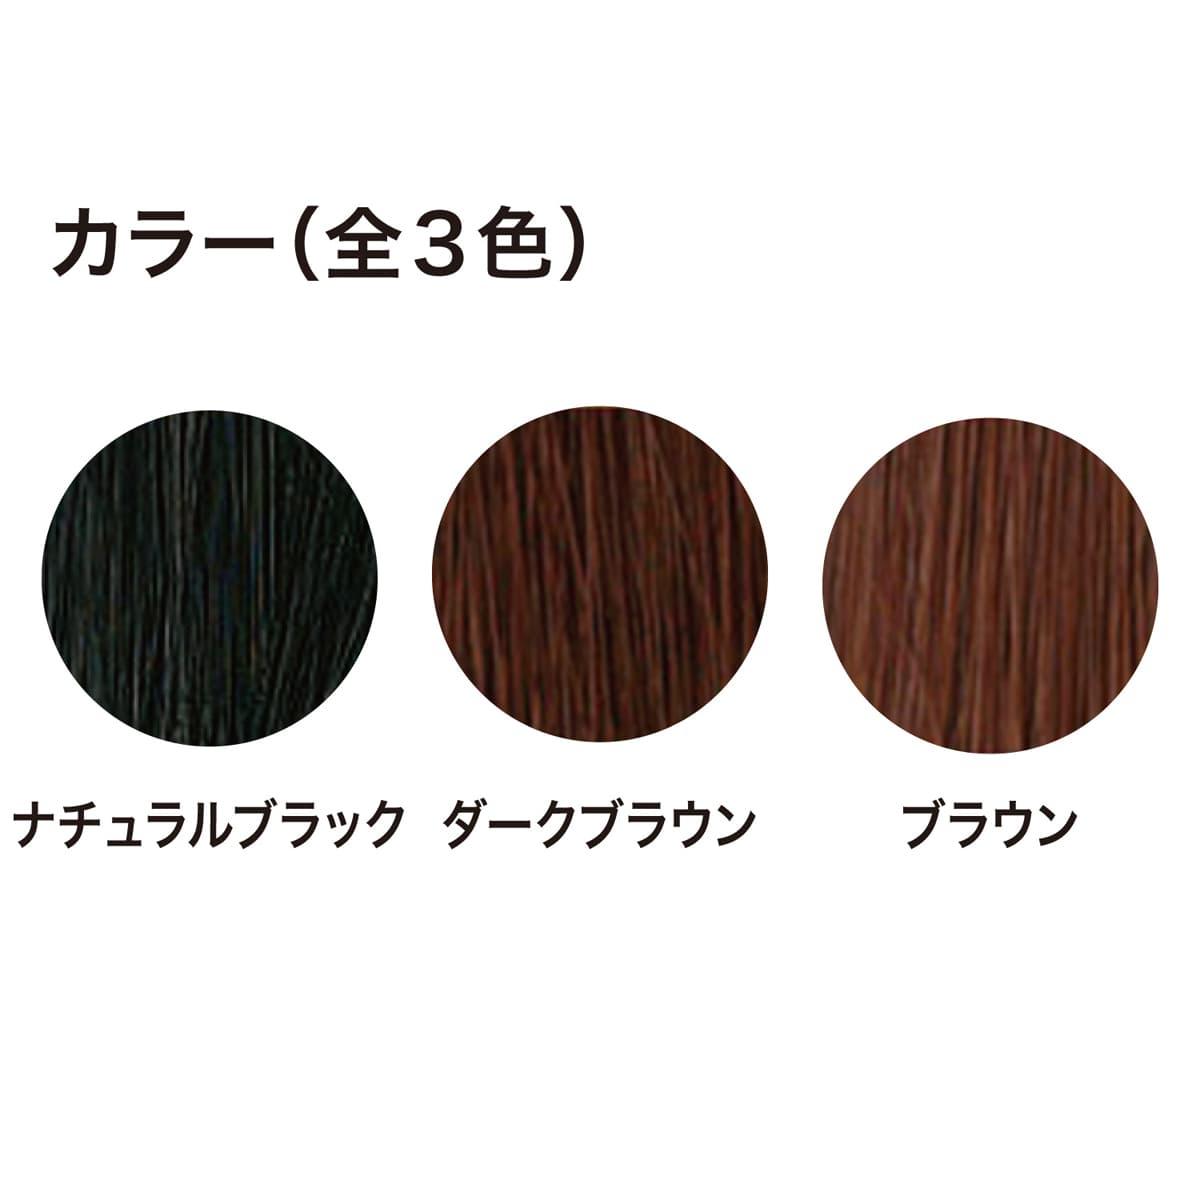 アートミクロンプラビ パウダー(8g) 【3本まとめ買い】